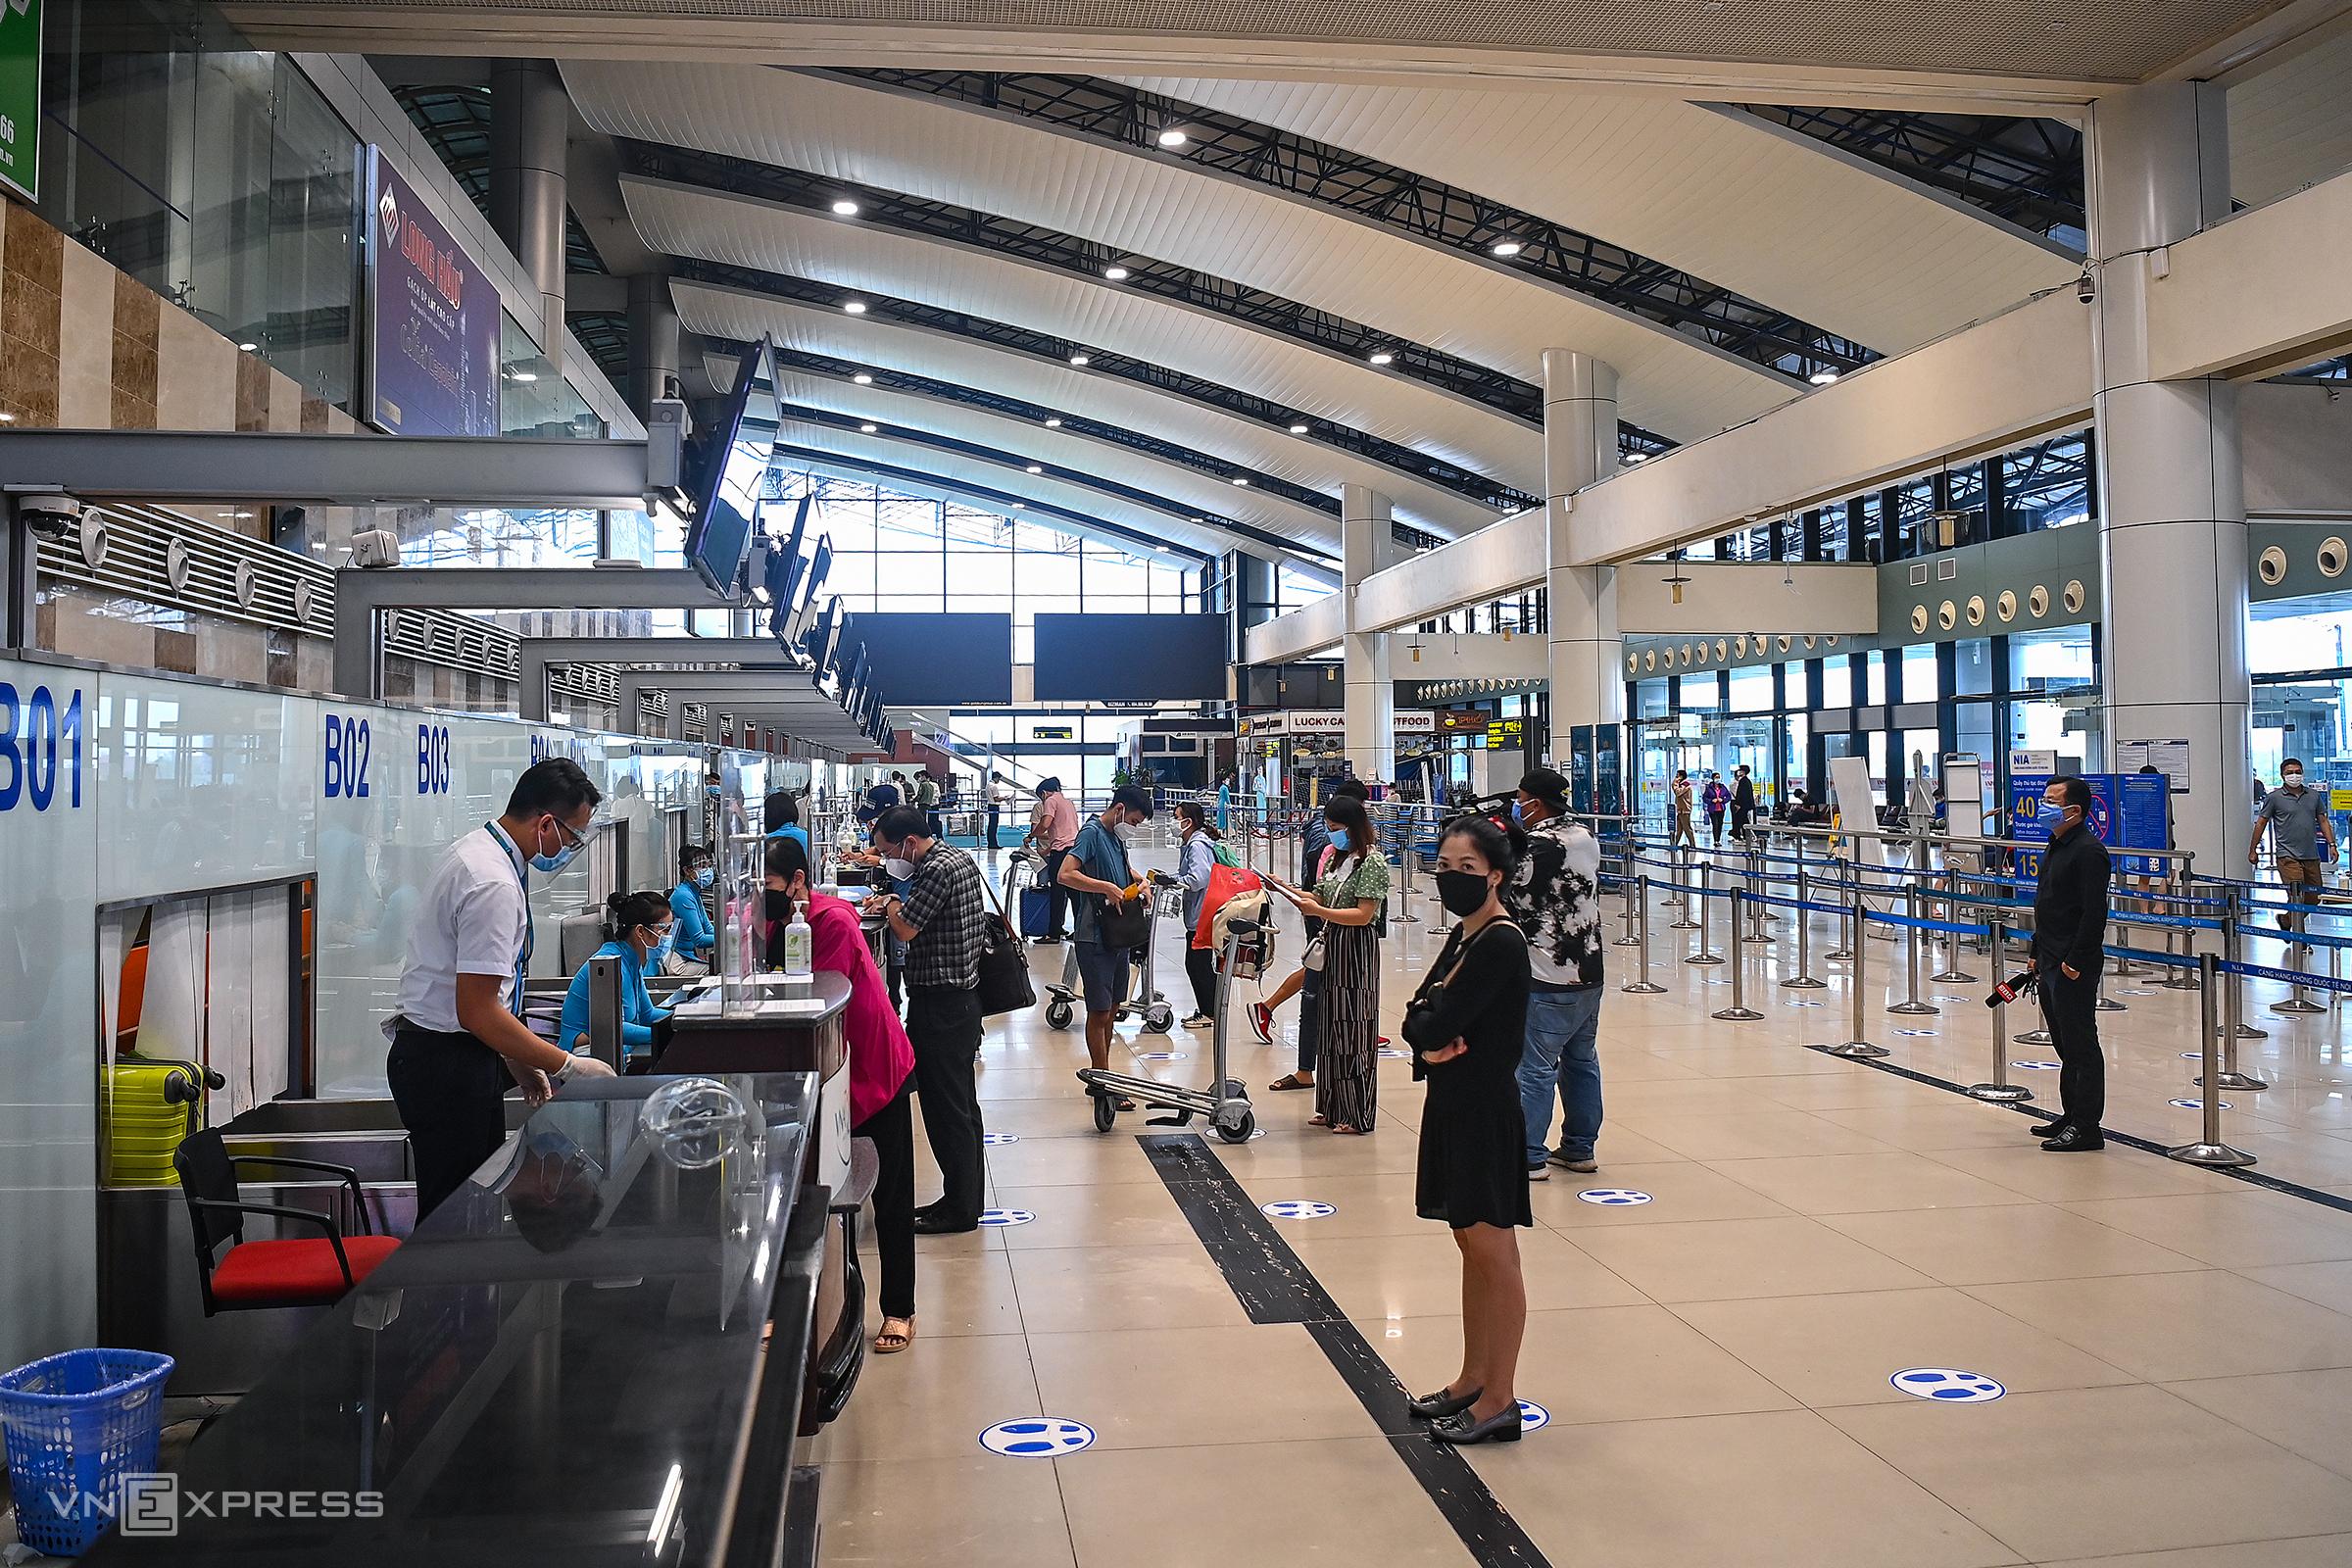 Hành khách làm thủ tục trước giờ lên máy bay tại nhà ga quốc nội sân bay Nội Bài, Hà Nội đi TP HCM, chiều 10/10. Ảnh: Giang Huy